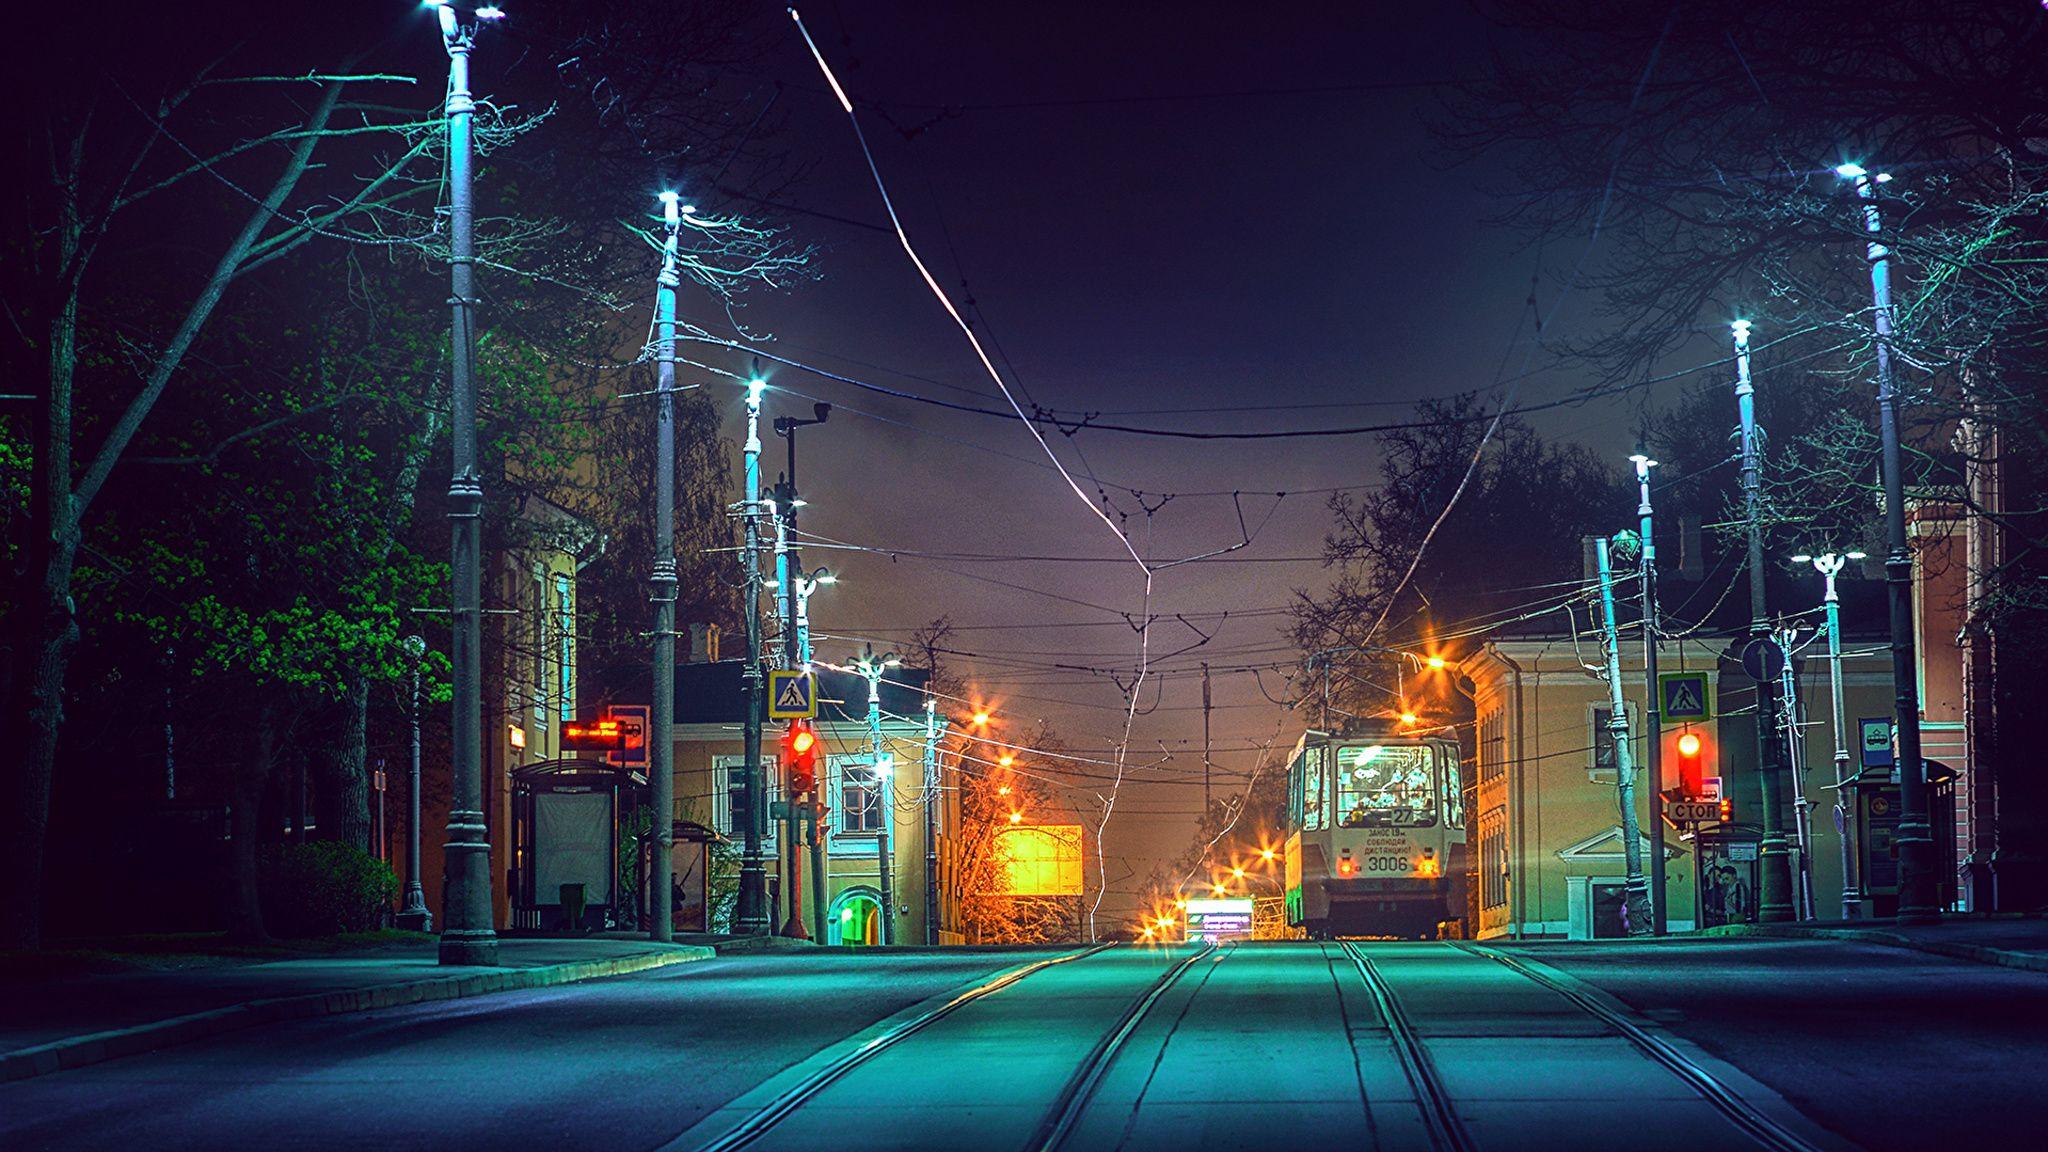 Обои здания, улица, красота, фонари, дома. Города foto 8